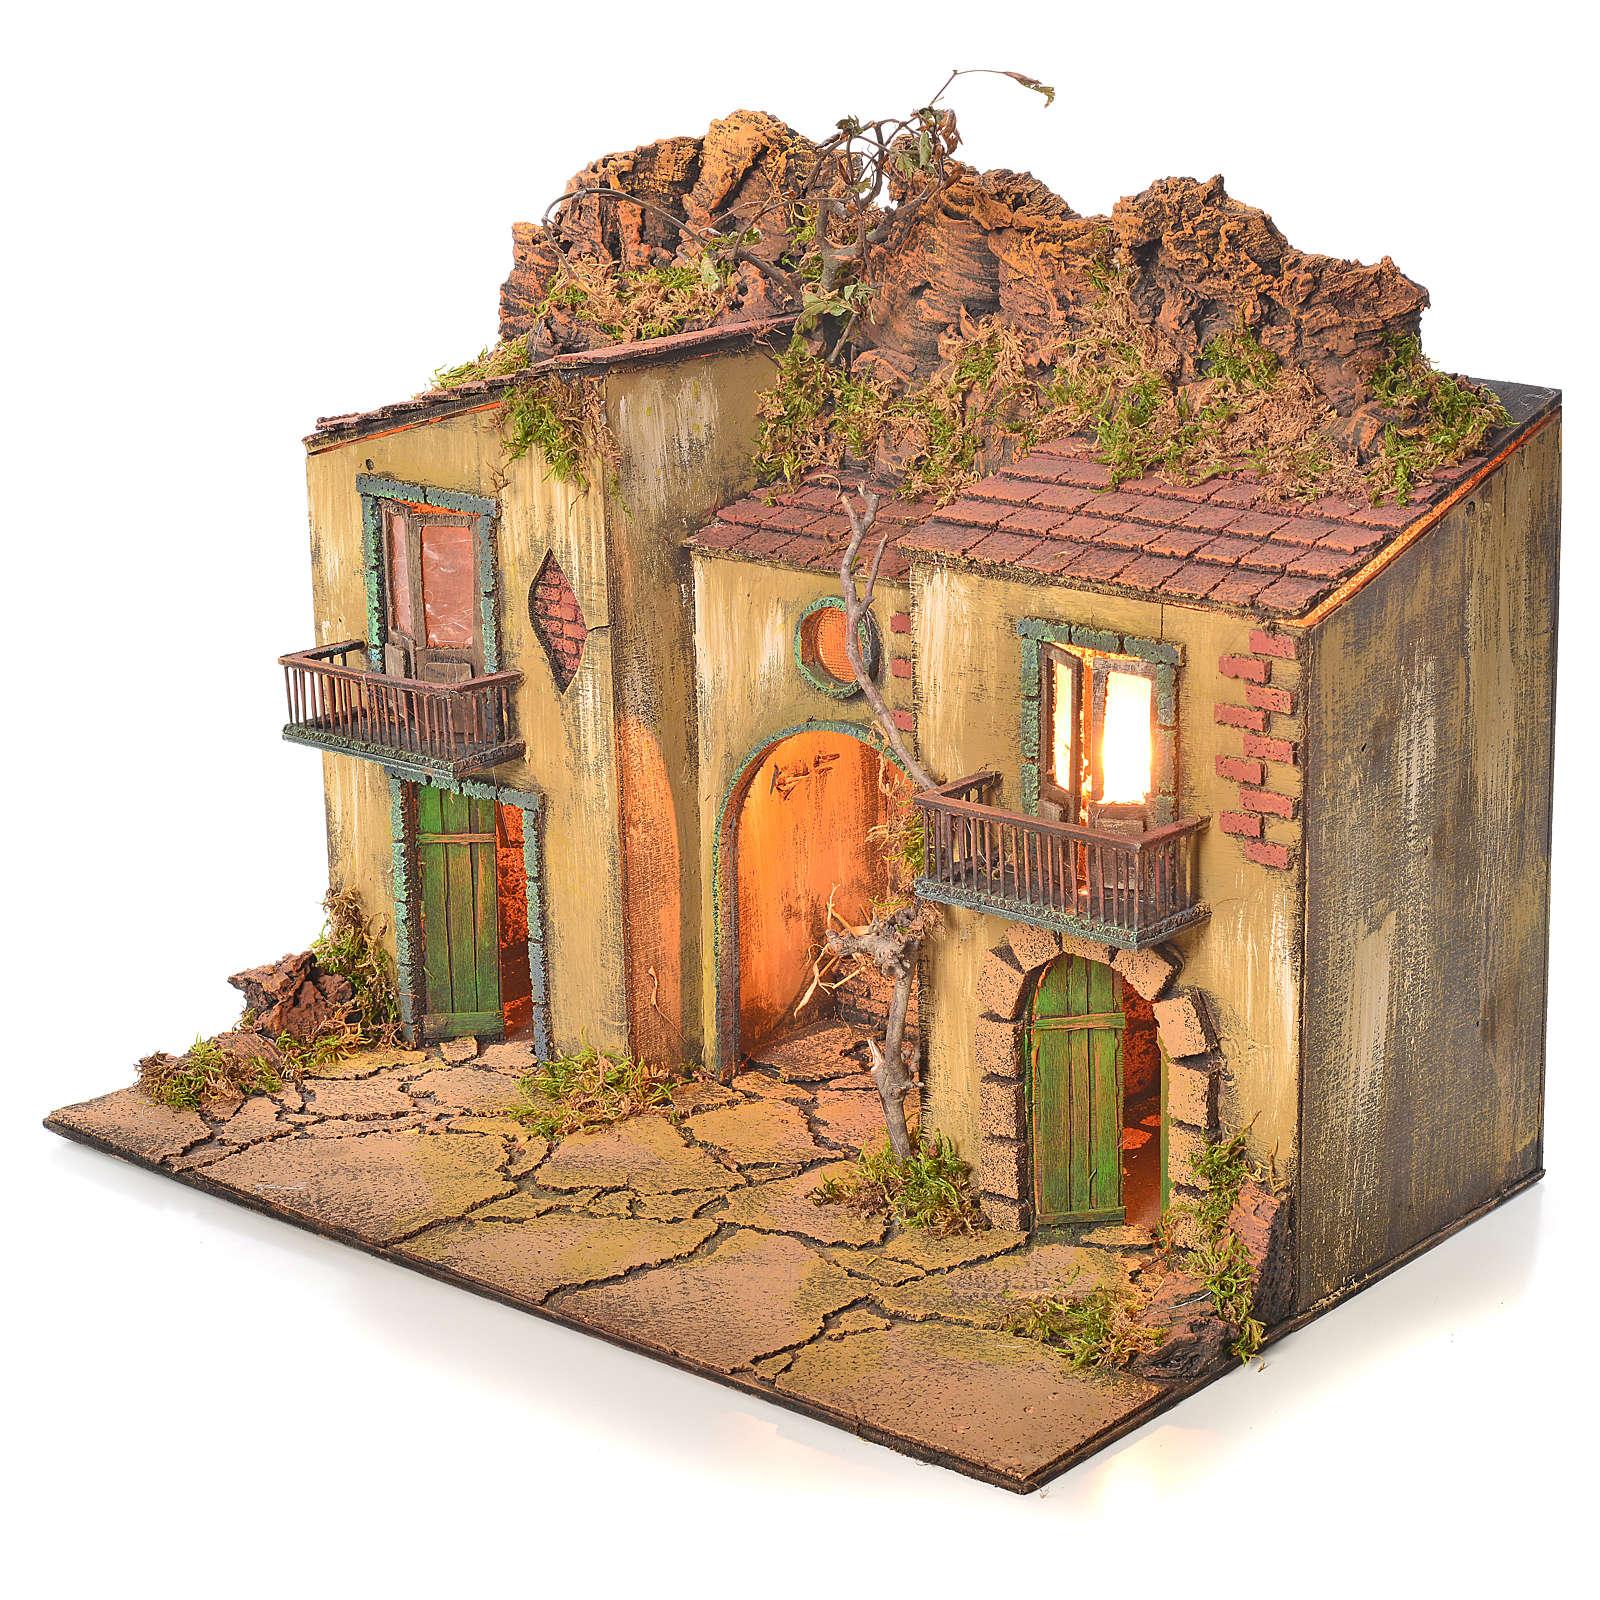 Borgo presepe napoletano con mangiatoia 50x58x40 cm 4